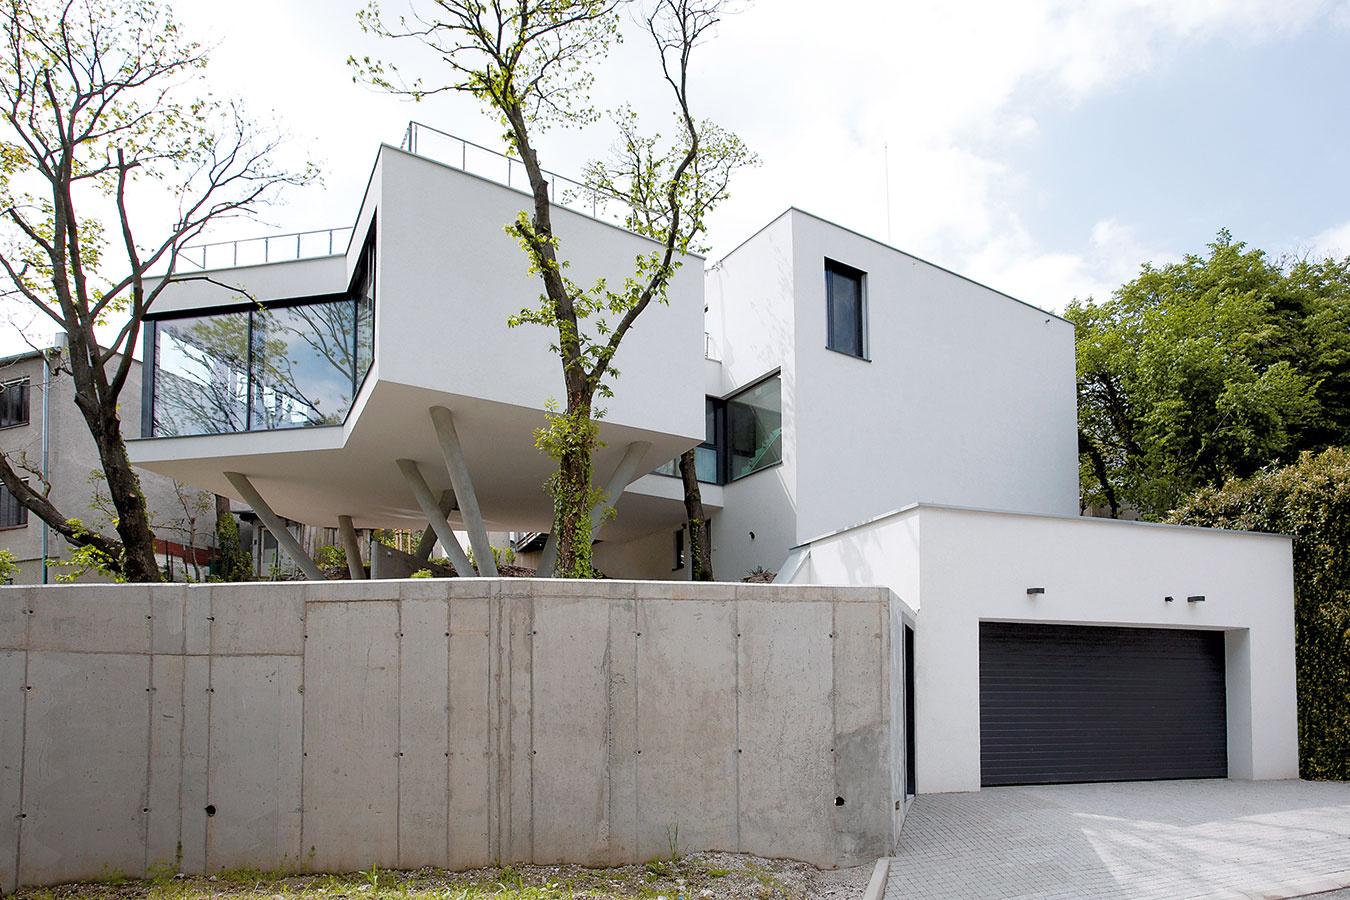 Zpohľadu ulice sa snaží dom nepútať pozornosť, čo sa mu vďaka neutrálnym materiálom aveľkému množstvu zelene aj podarilo.